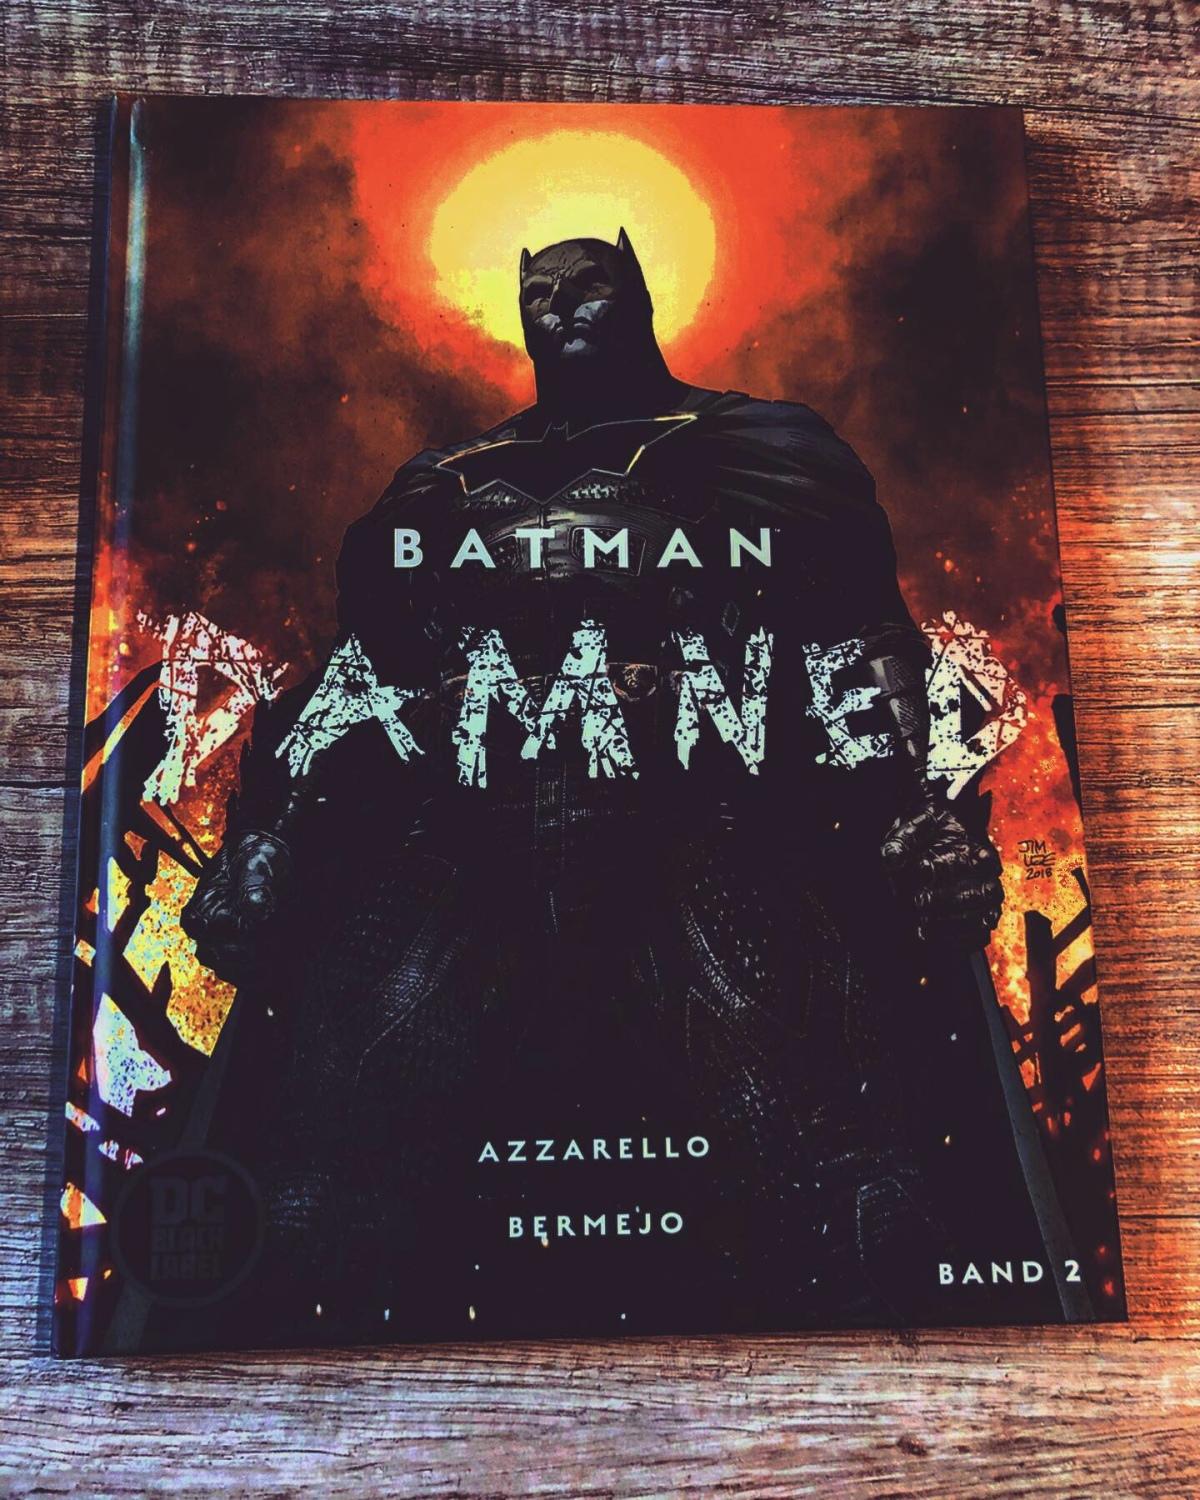 Der Horror geht weiter … | Batman Damned Band 2 |Gedankenspiel